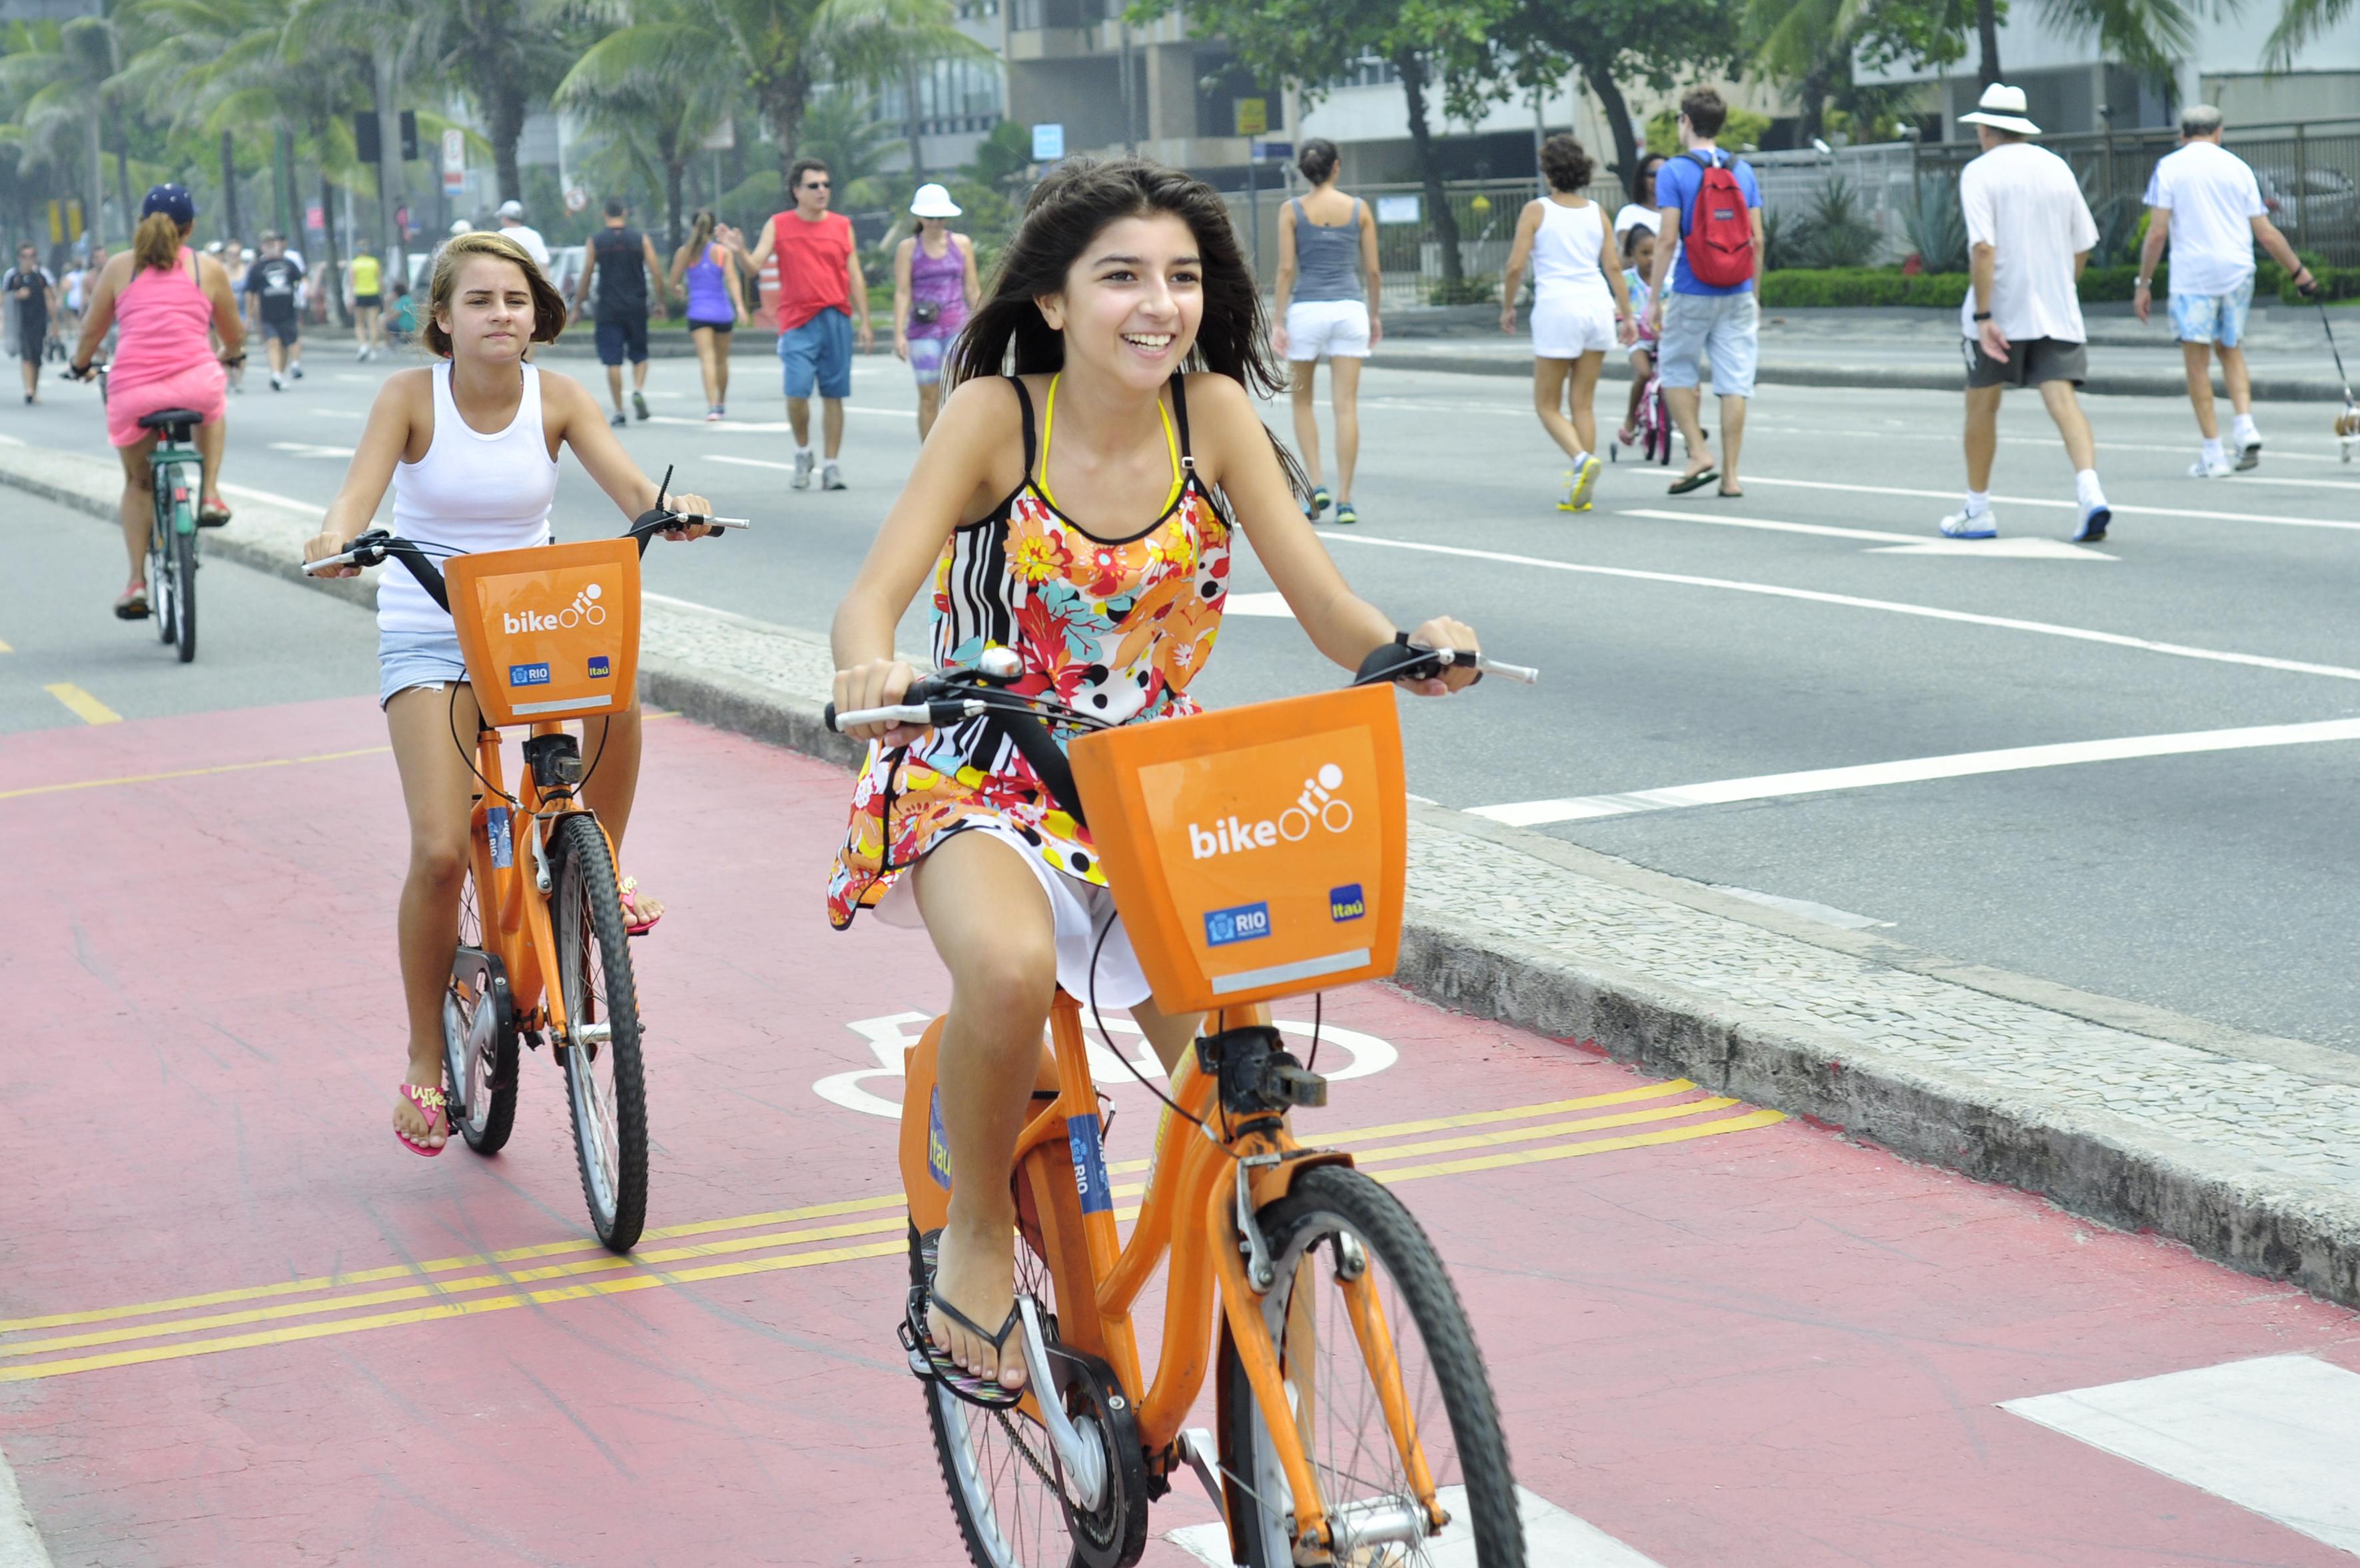 Jovens se divertem com o sistema de bicicletas públicas do Rio. (Foto: Mariana Gil / EMBARQ Brasil)